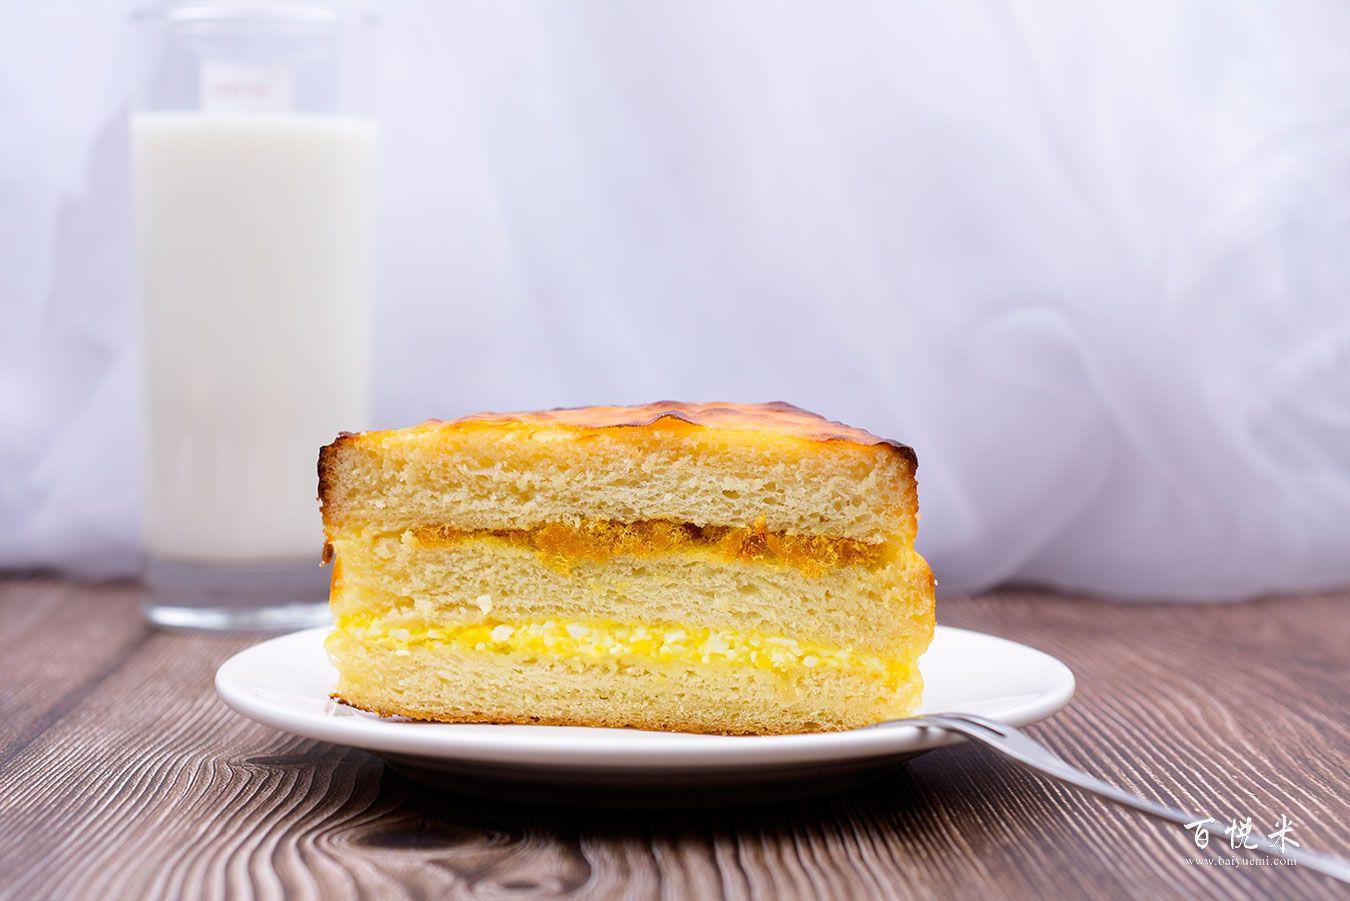 炭烧乳酪高清图片大全【蛋糕图片】_630